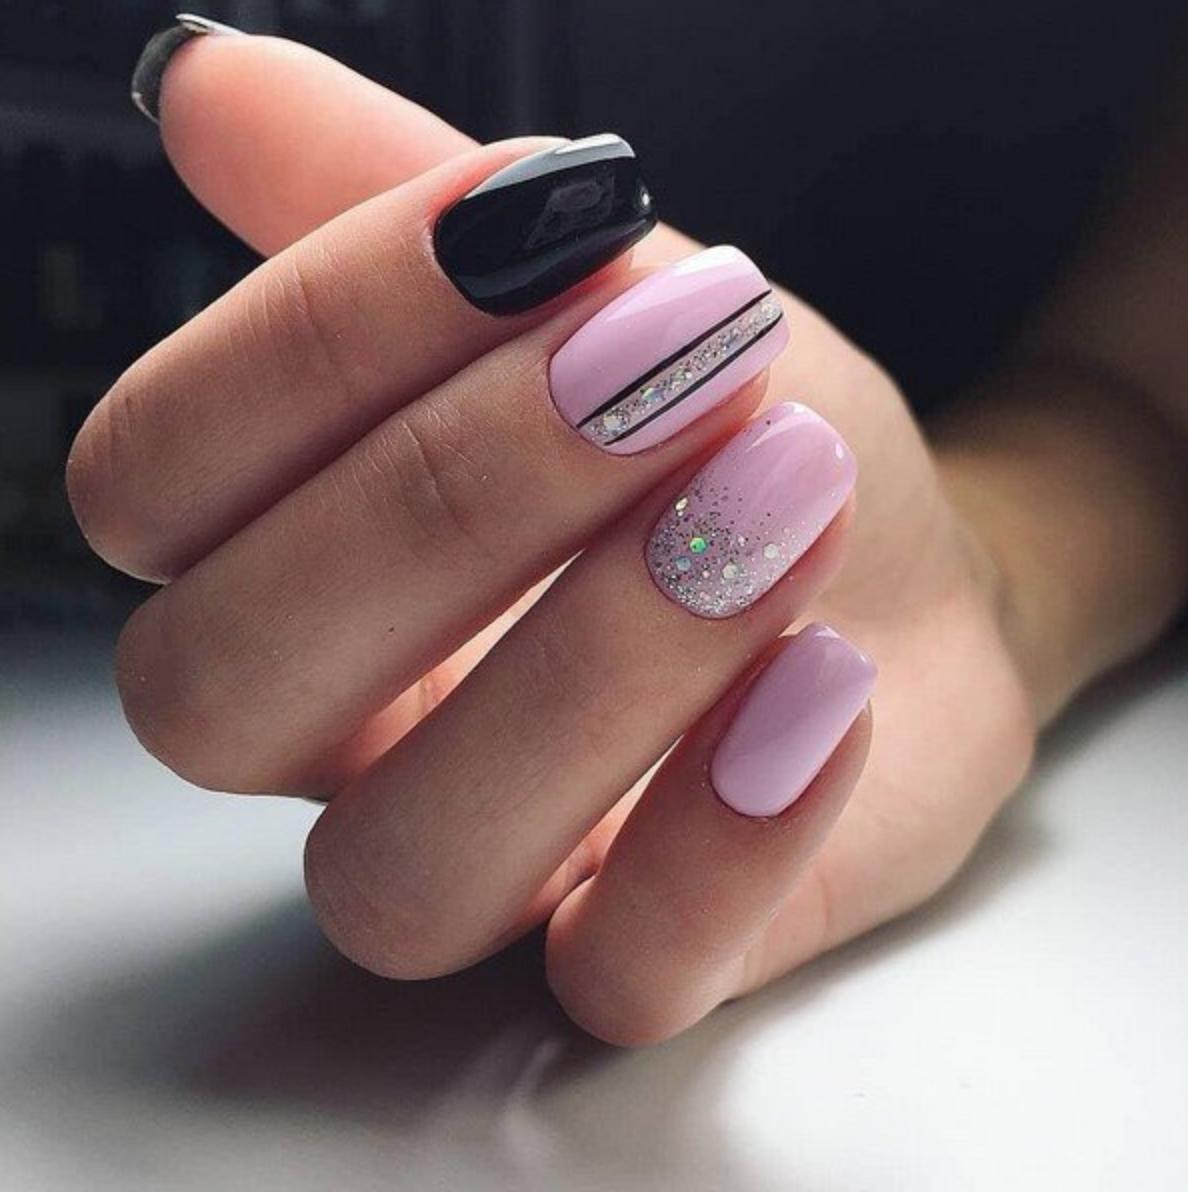 Nailbook Art Designs 2019 Graduation Nails Square Acrylic Nails Winter Nail Designs